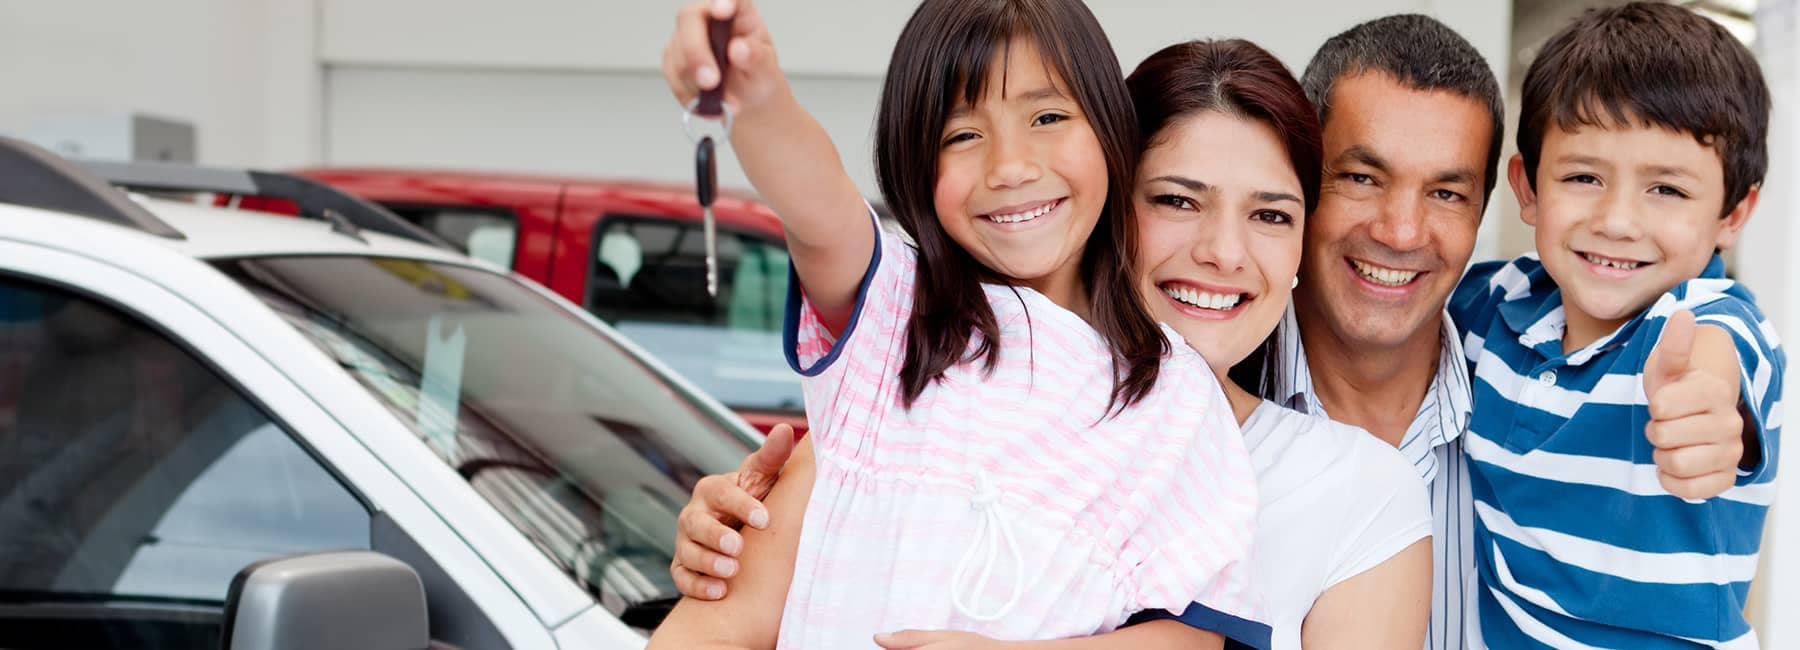 happy family holding new car keys